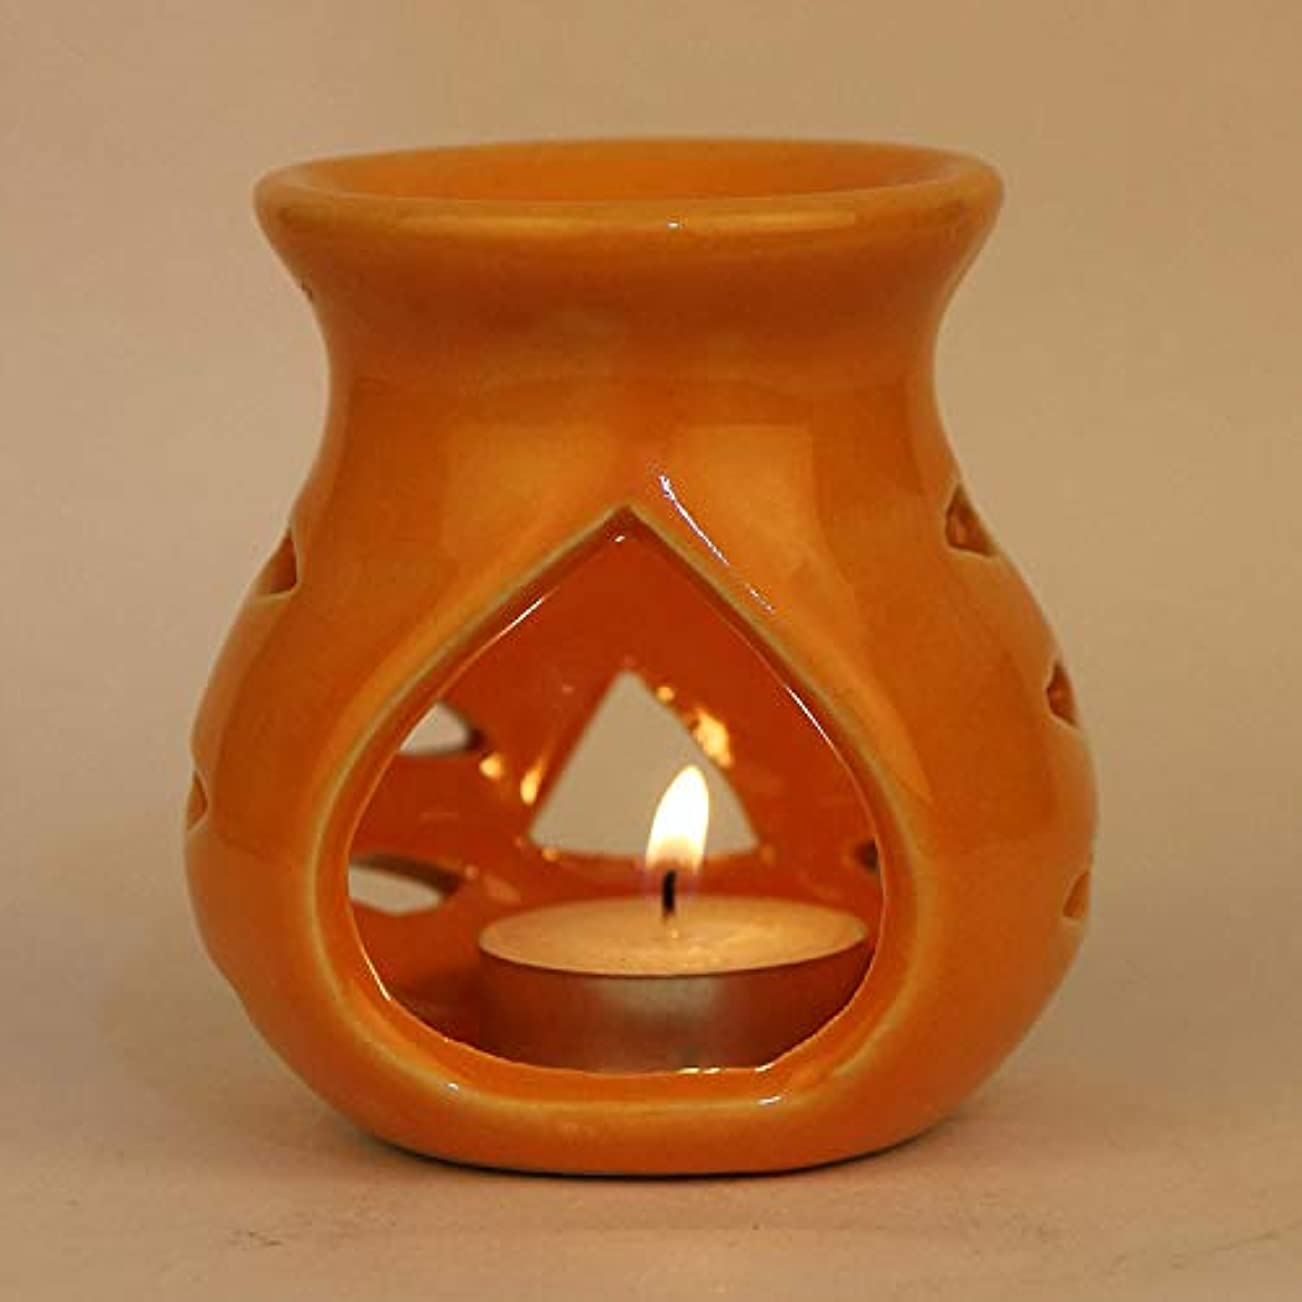 刺す重要な間接的Pure Source India Ceramic Aroma Burner Clay Lamp,3 x4 (Orange)